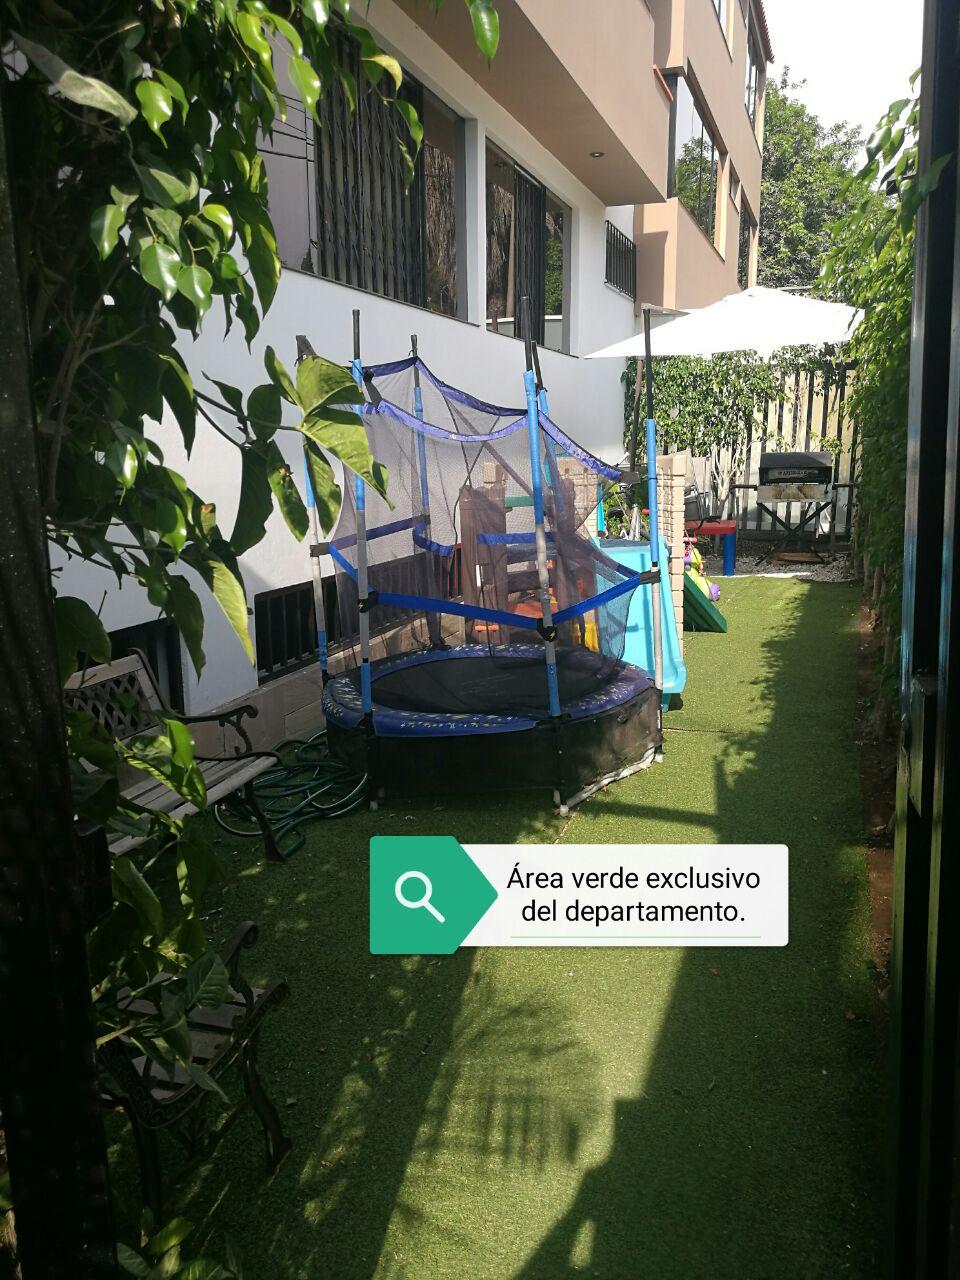 Area verde del departamento